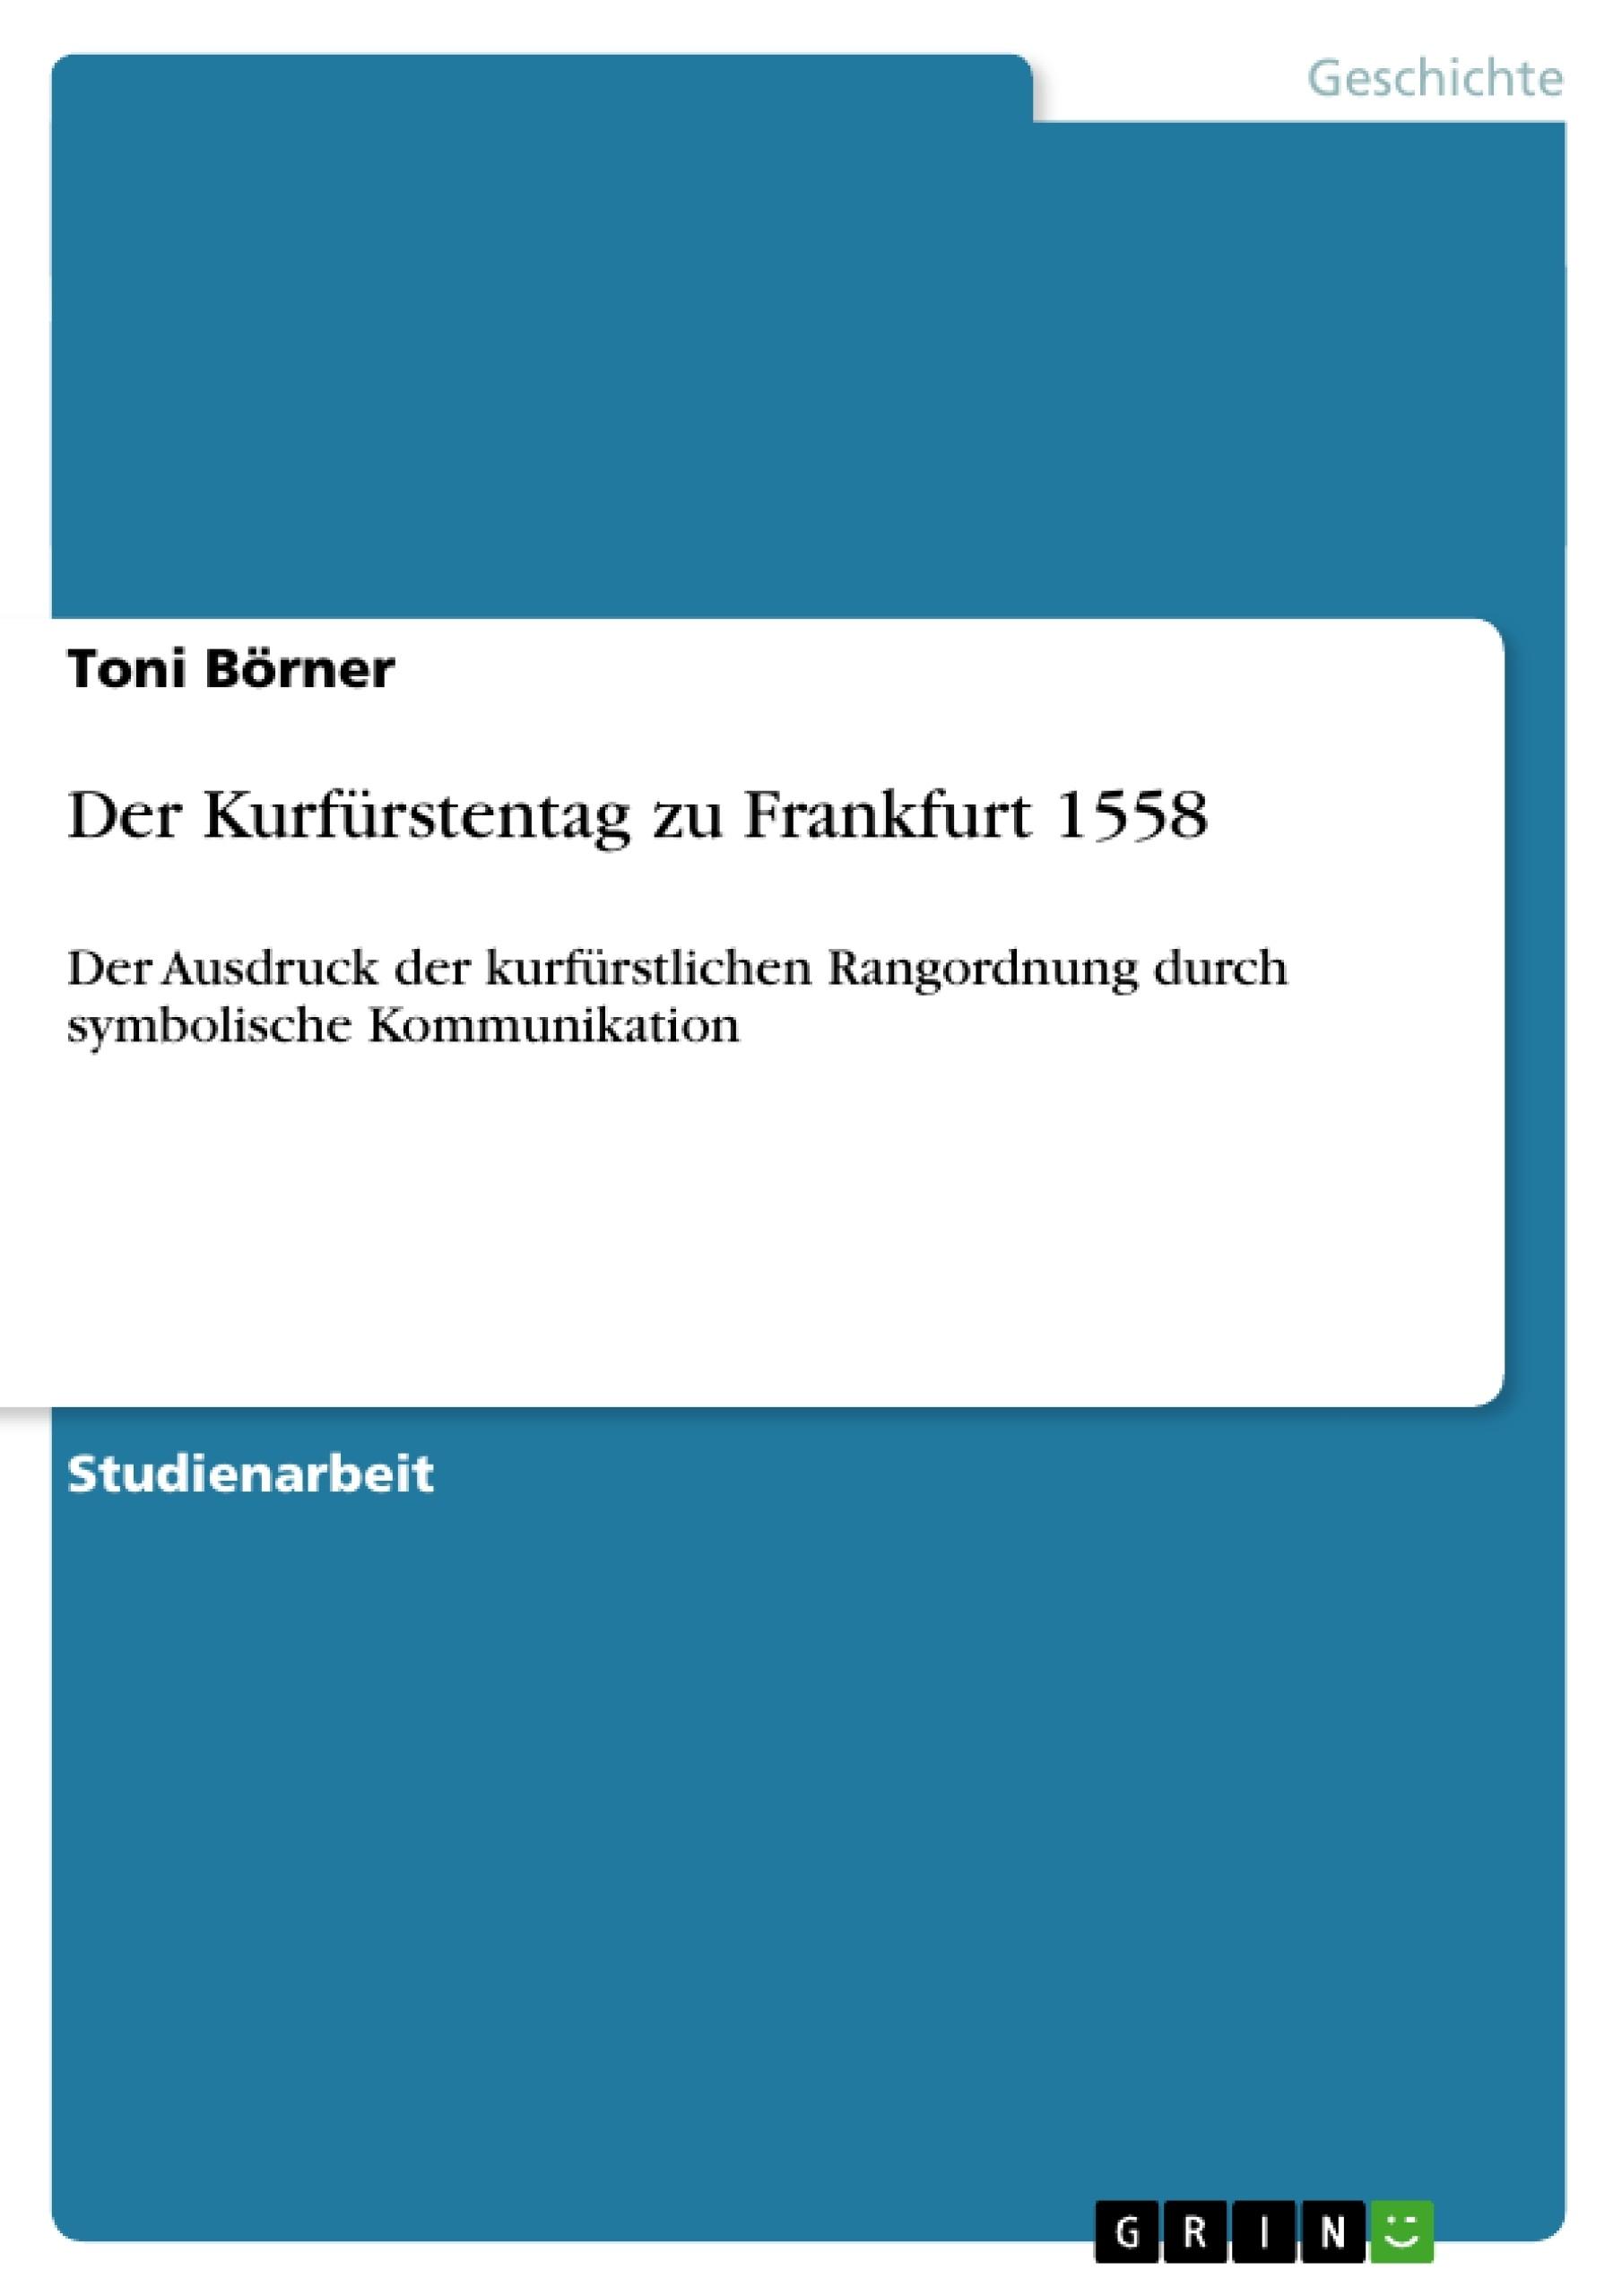 Titel: Der Kurfürstentag zu Frankfurt 1558